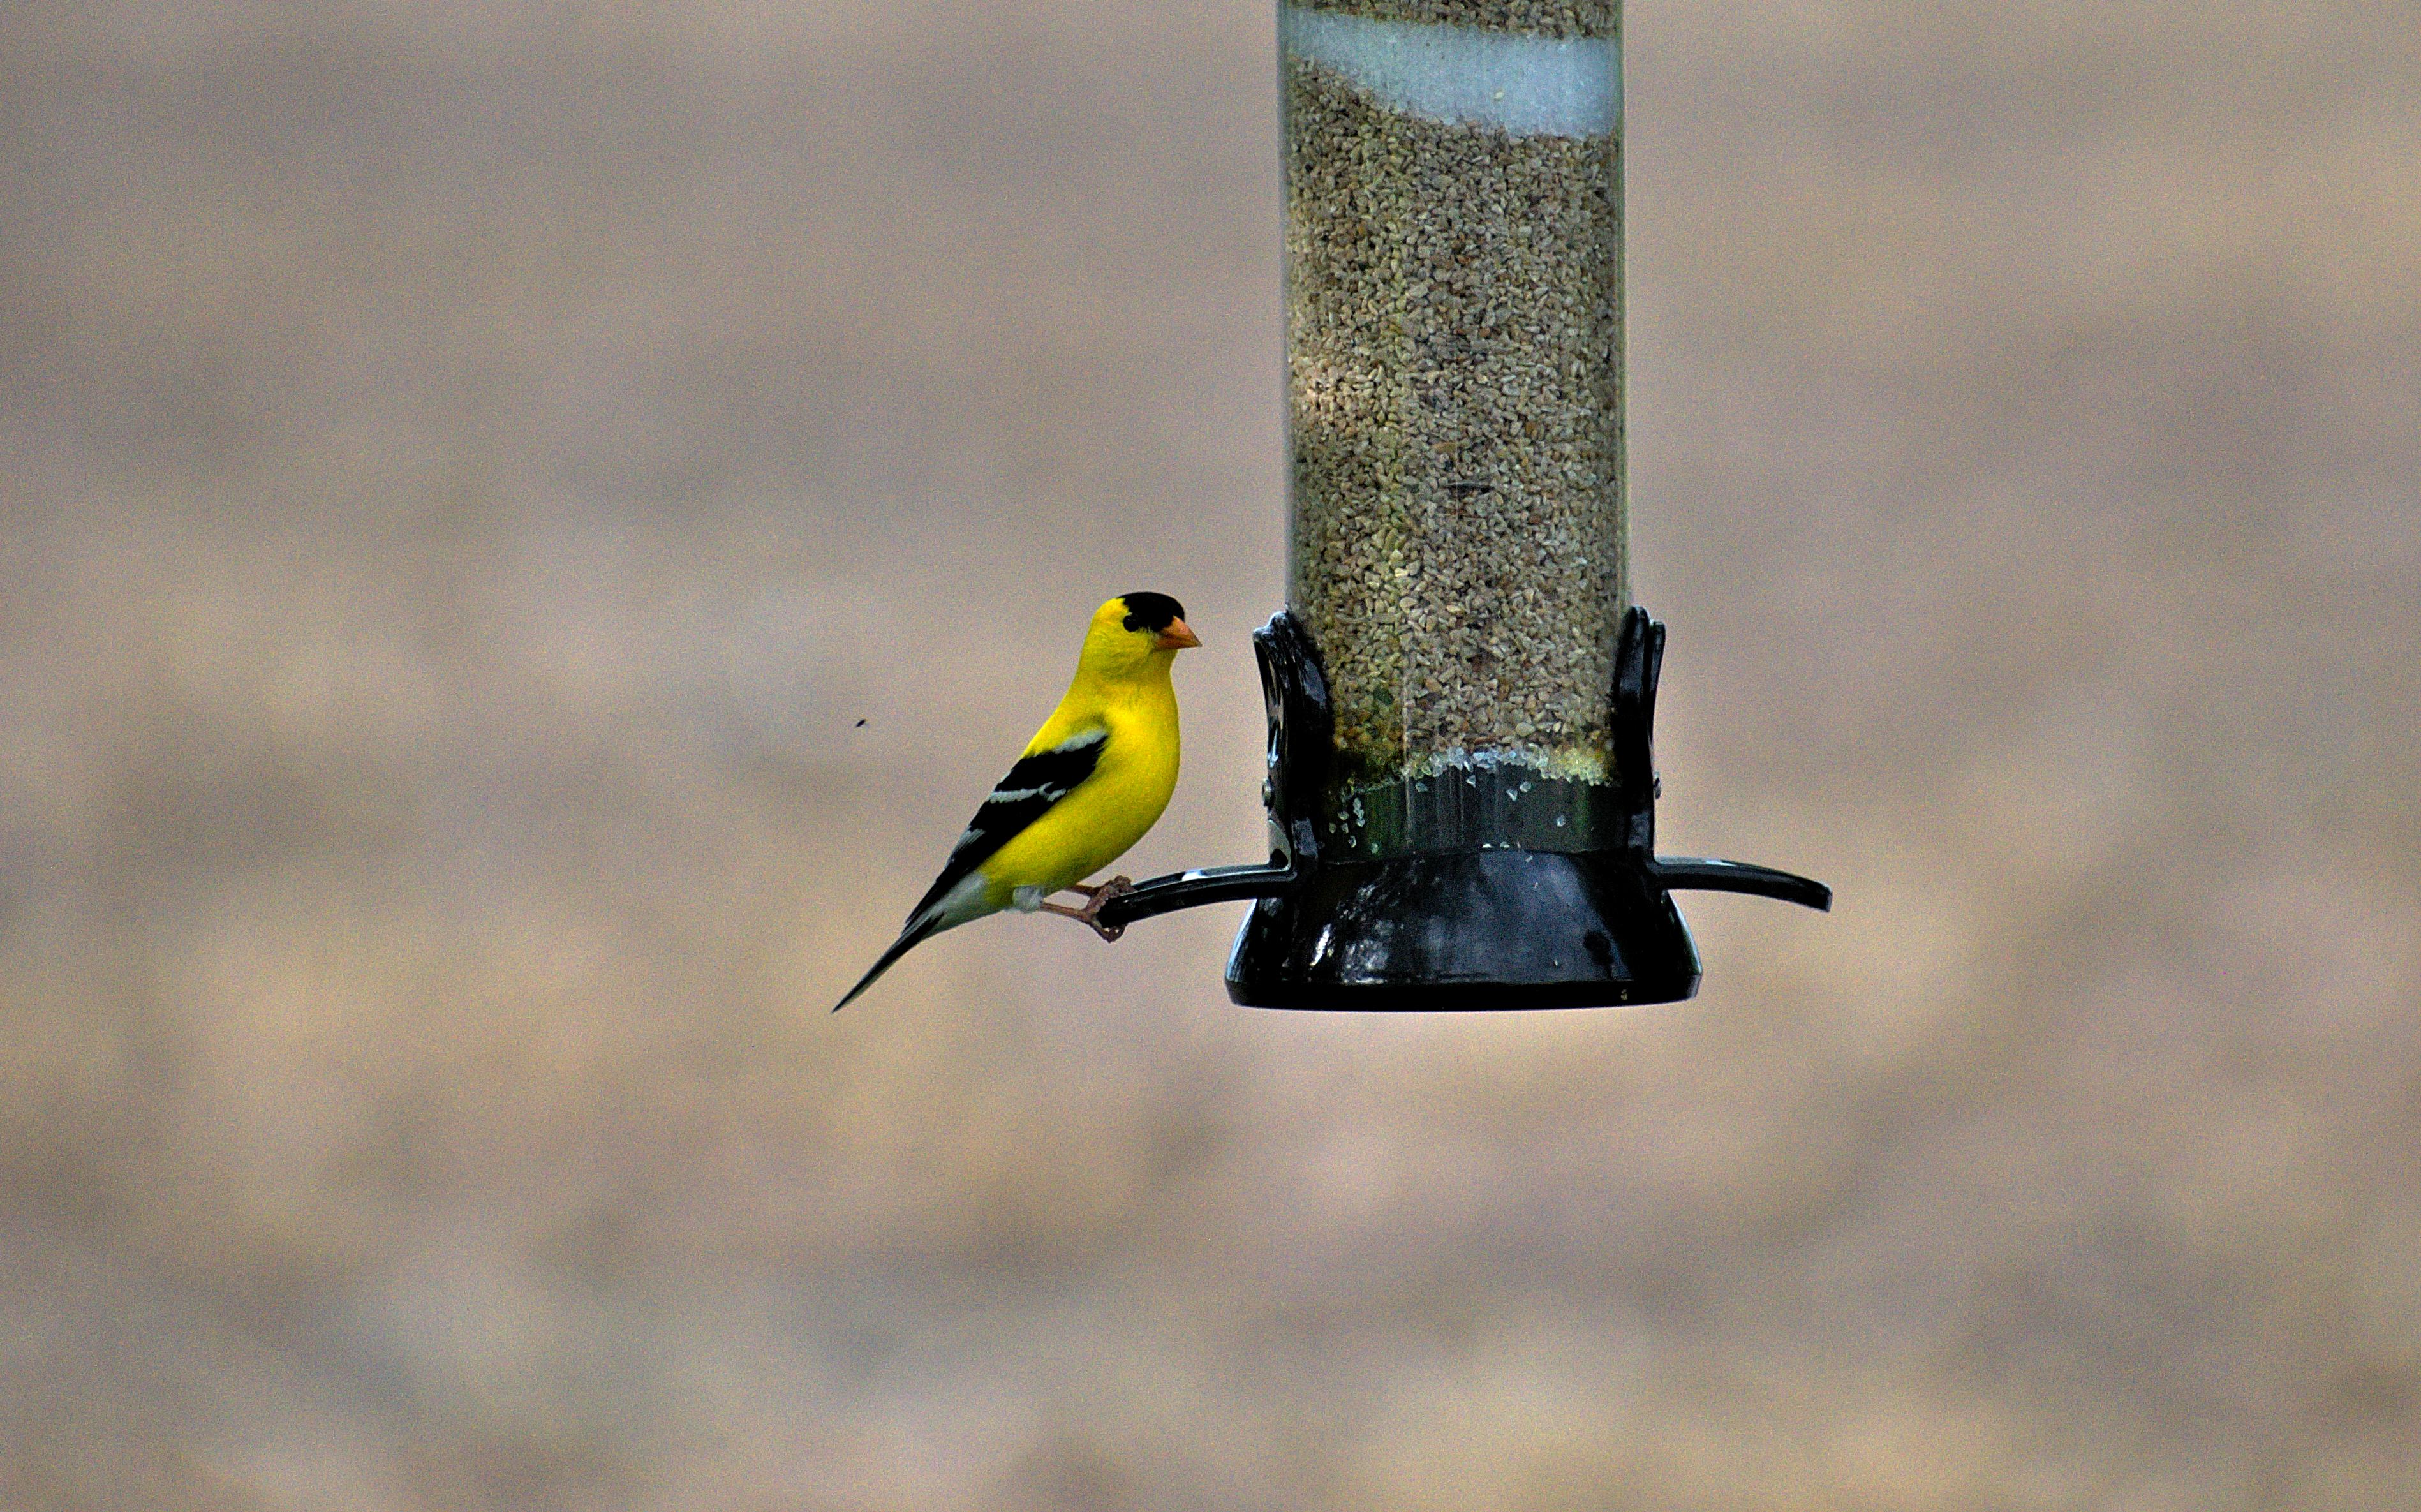 Goldfinch at Feeder